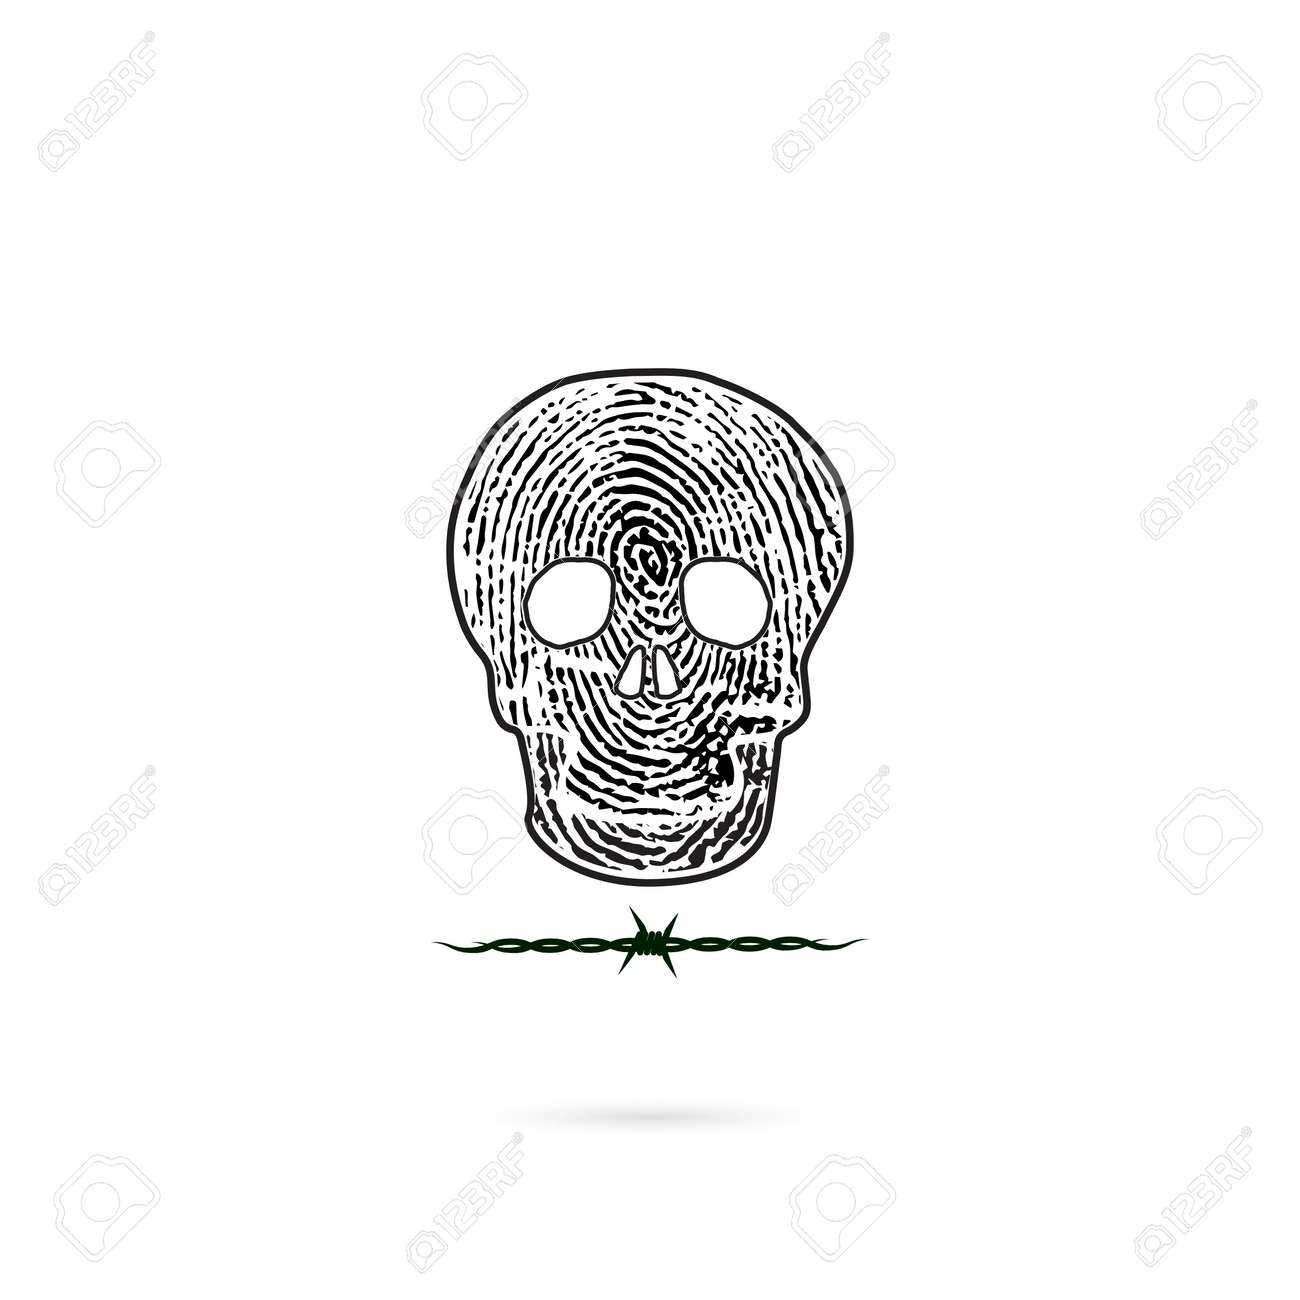 Siluetas Humanas Del Cráneo Con El Icono De La Huella Digital Y Del